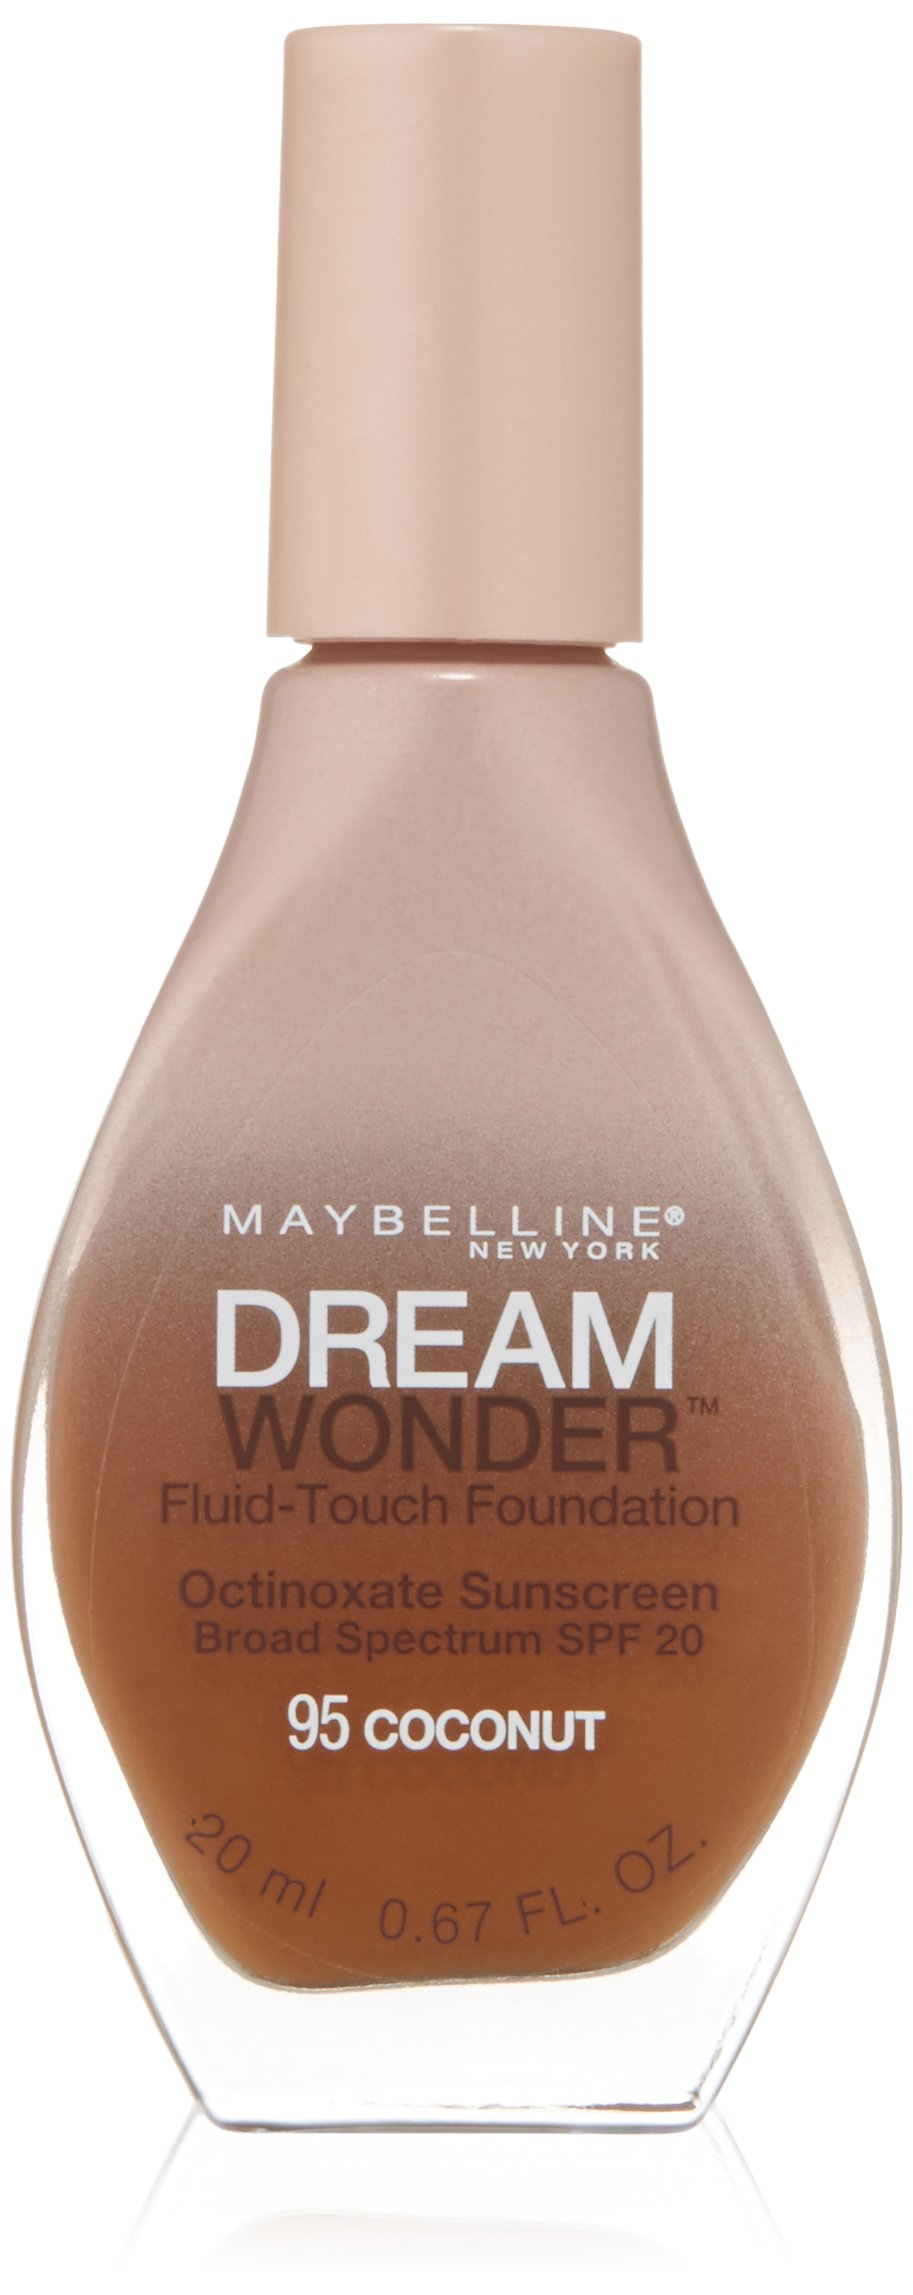 Maybelline New York Dream Wonder Fluid-Touch Foundation, Coconut, 0.67 Fluid Ounce